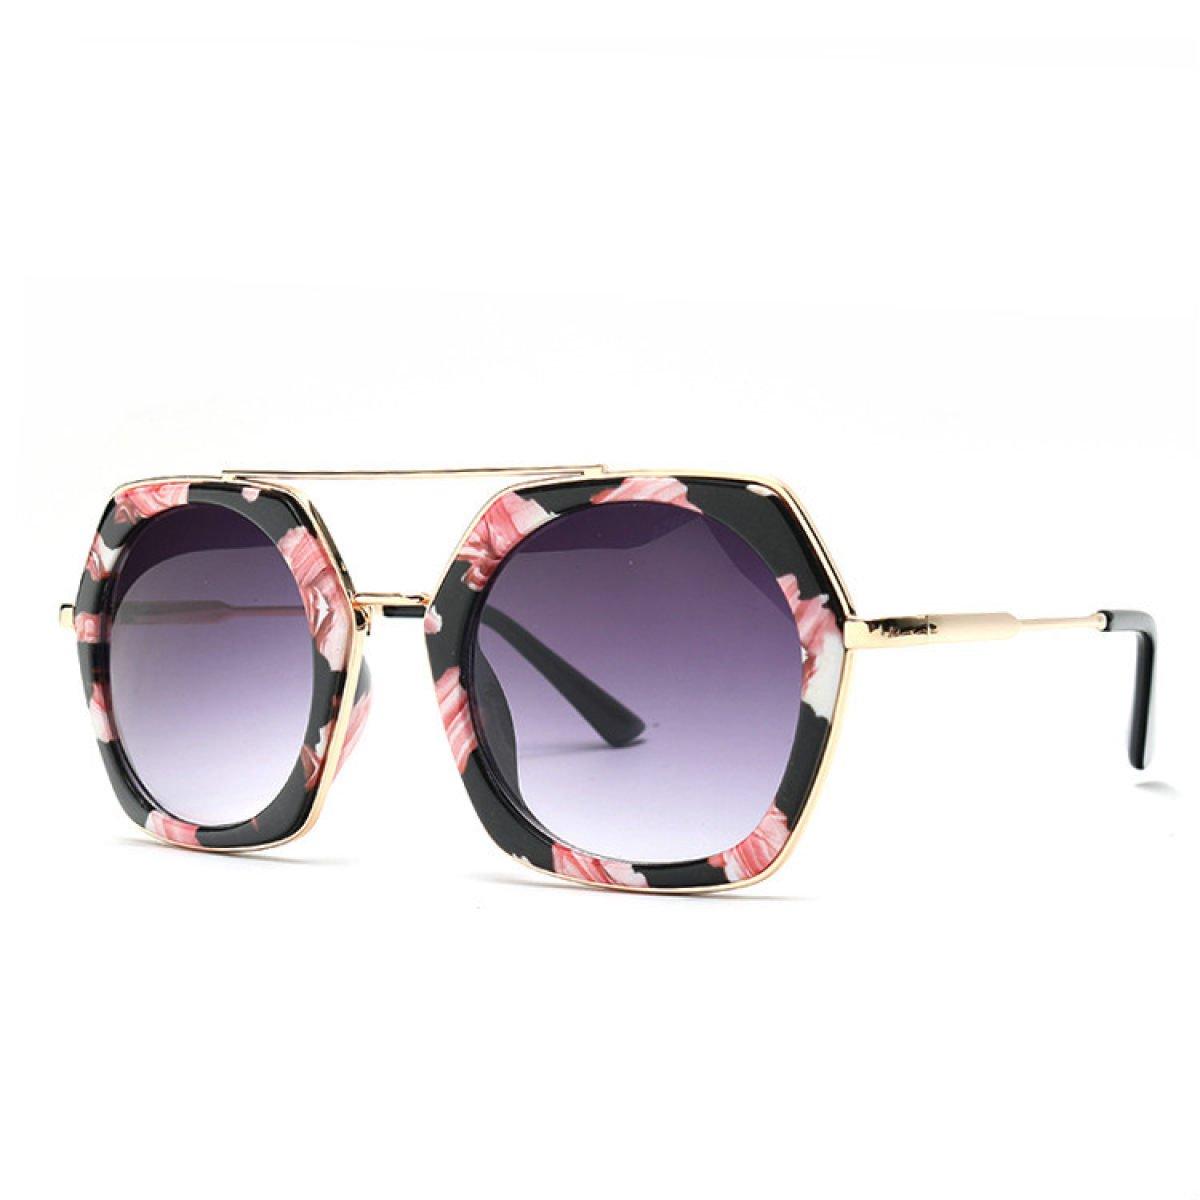 Wkaijc Damen Bunt Metall Rund Box Mode Kreativität Individualität Komfort Sonnenbrille Im Freien Sonnenbrille ,B